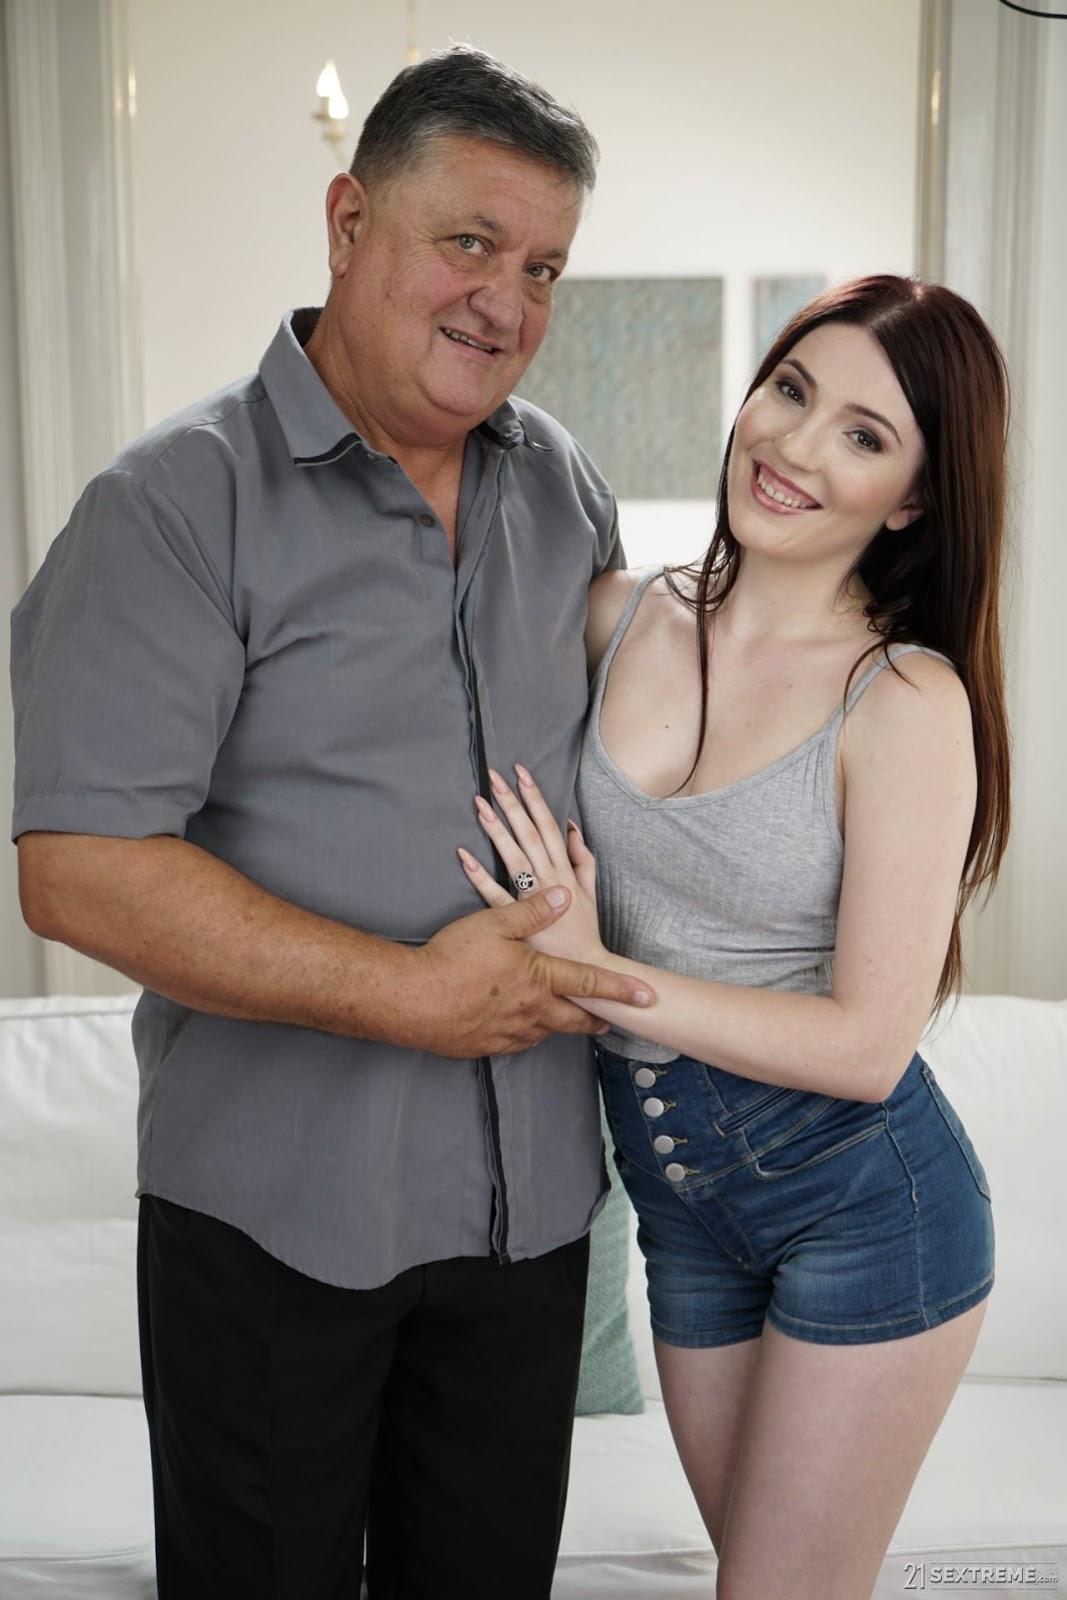 My Moms Step Daddy,21 SEXTREME, 4K, Anal, Threesome, Uncensored, Westen, Westen Porn,Eddie ,Mia Evans